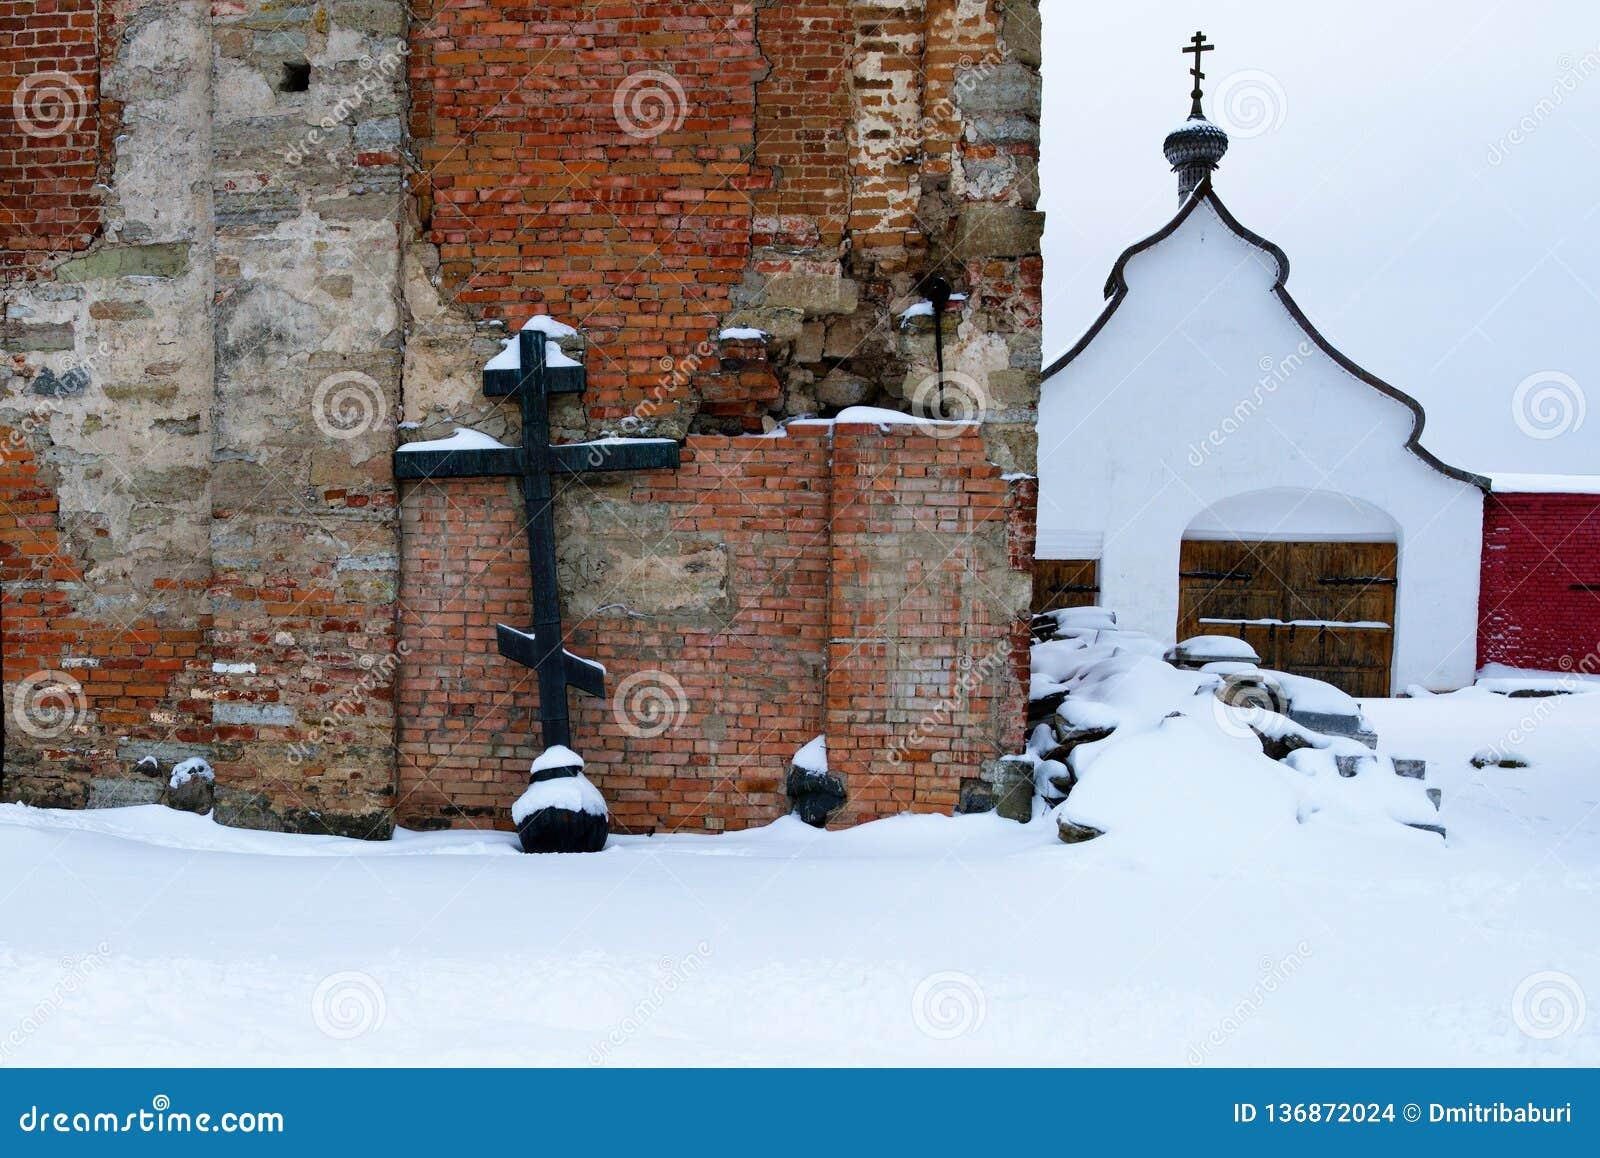 Cruz ortodoxo, tiro da abóbada da capela dilapidada no monastério dos homens, Rússia, inverno